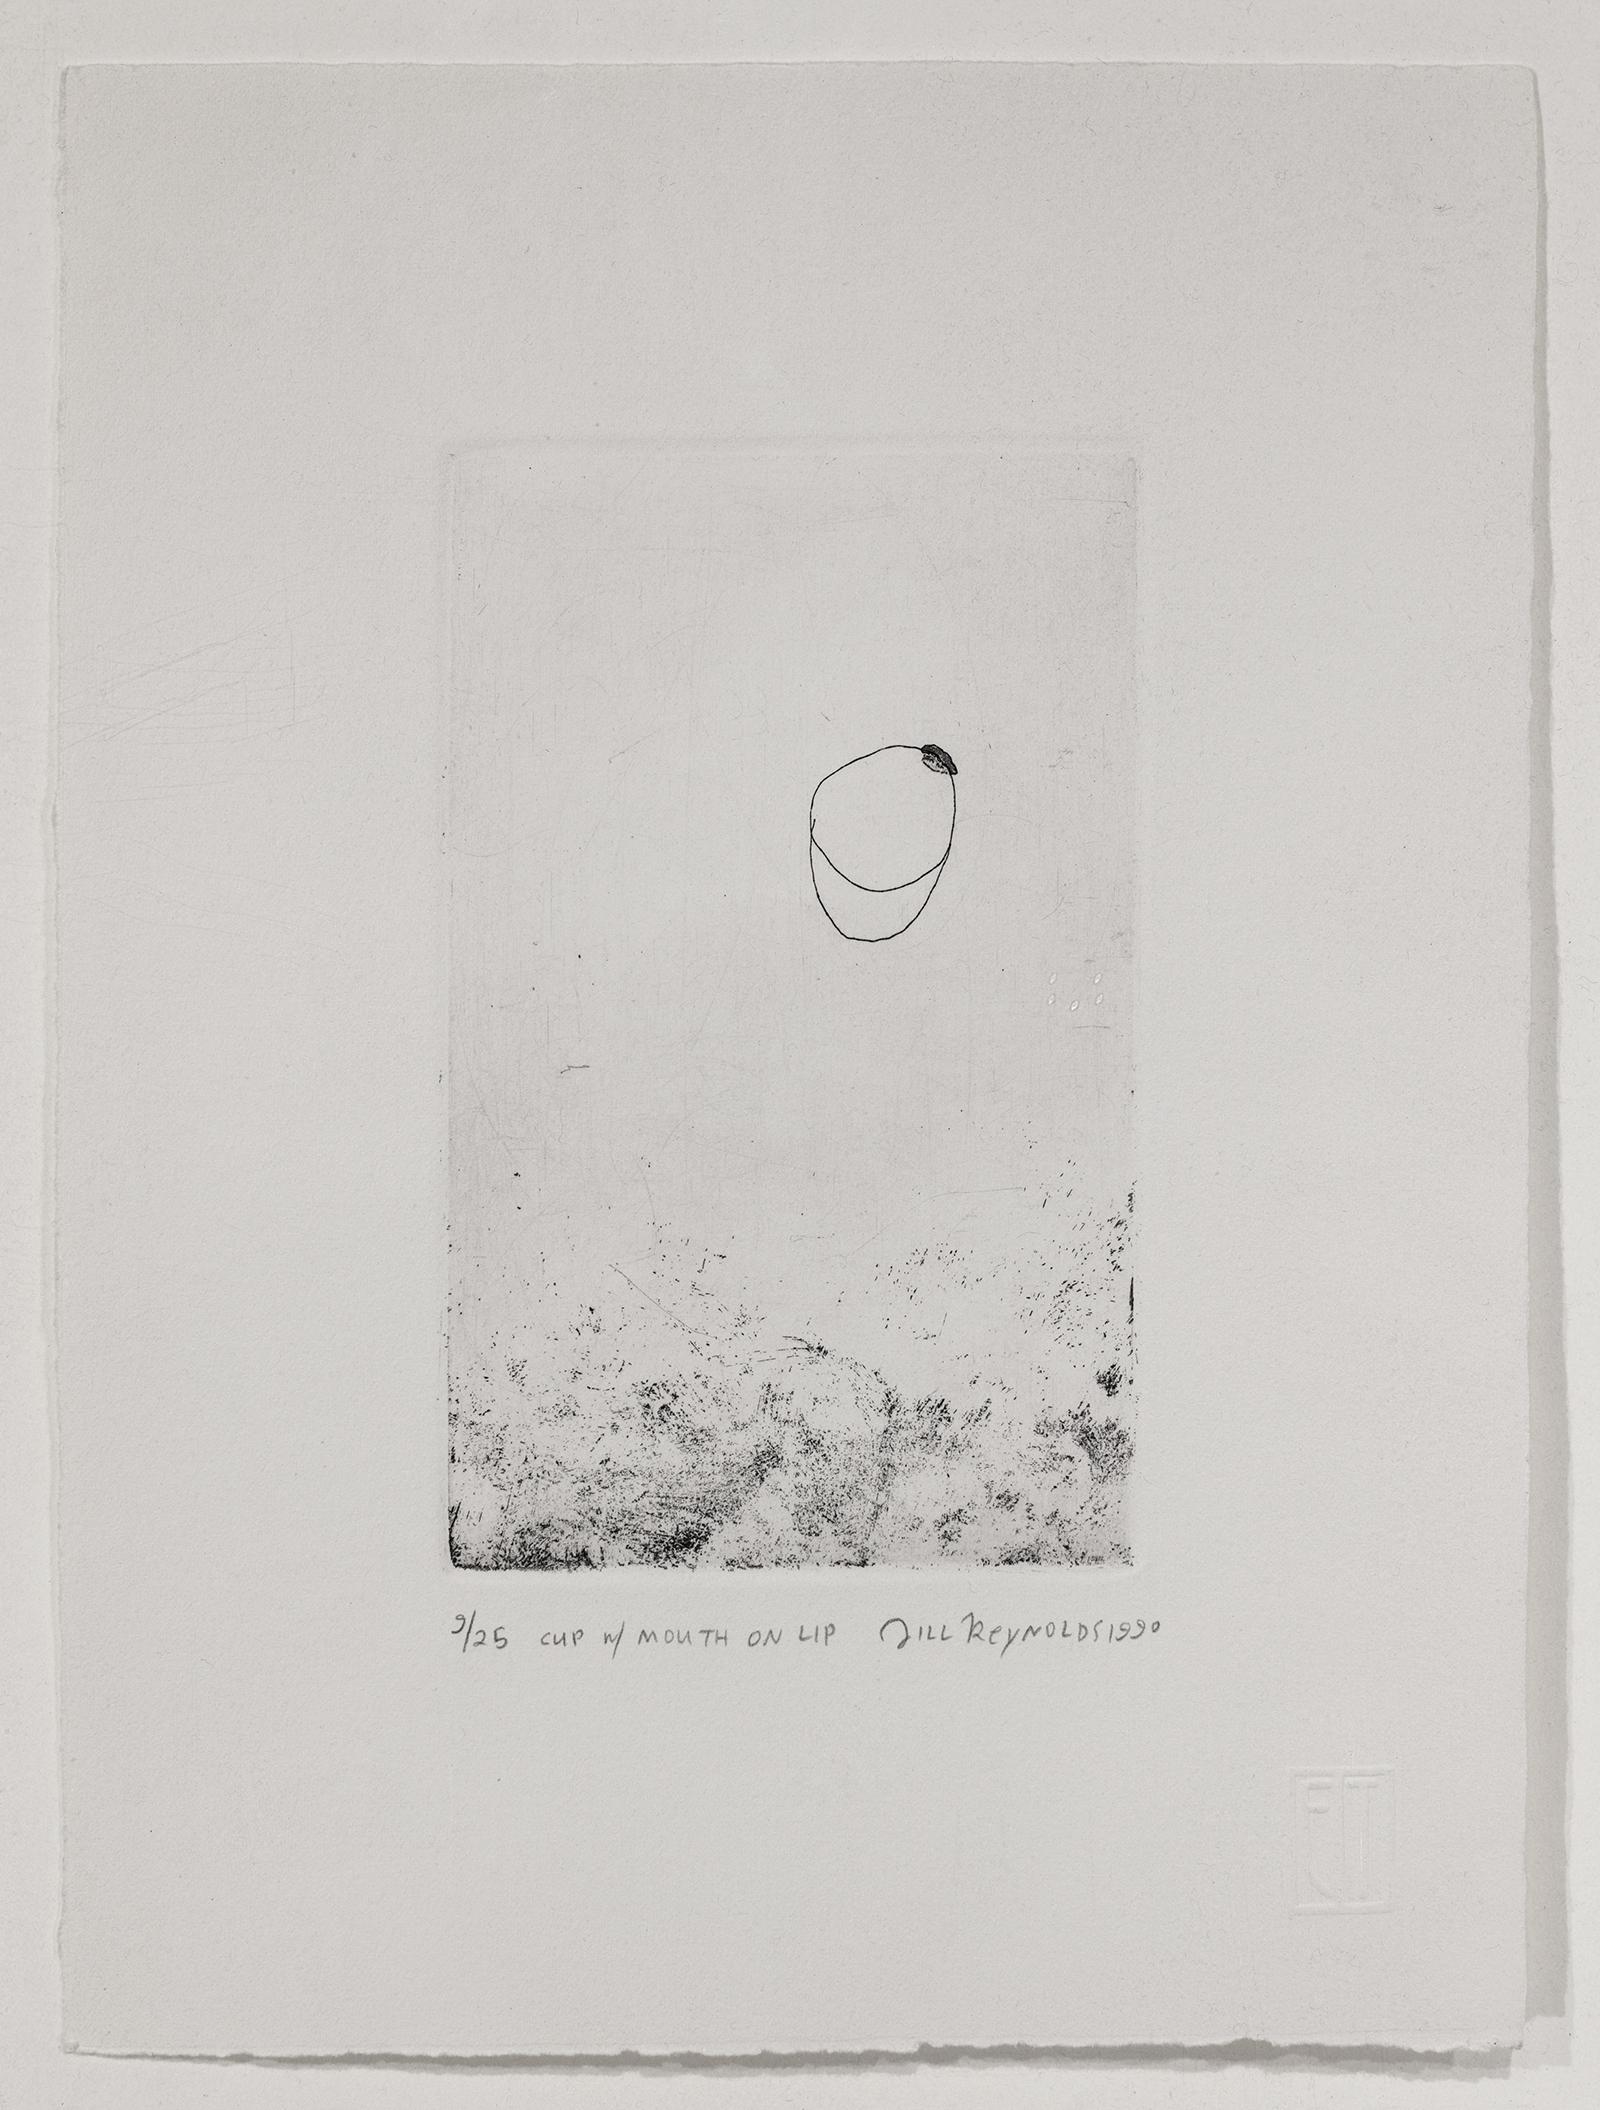 Jill Reynolds, Cup W/ Mouth On Lip, 1990